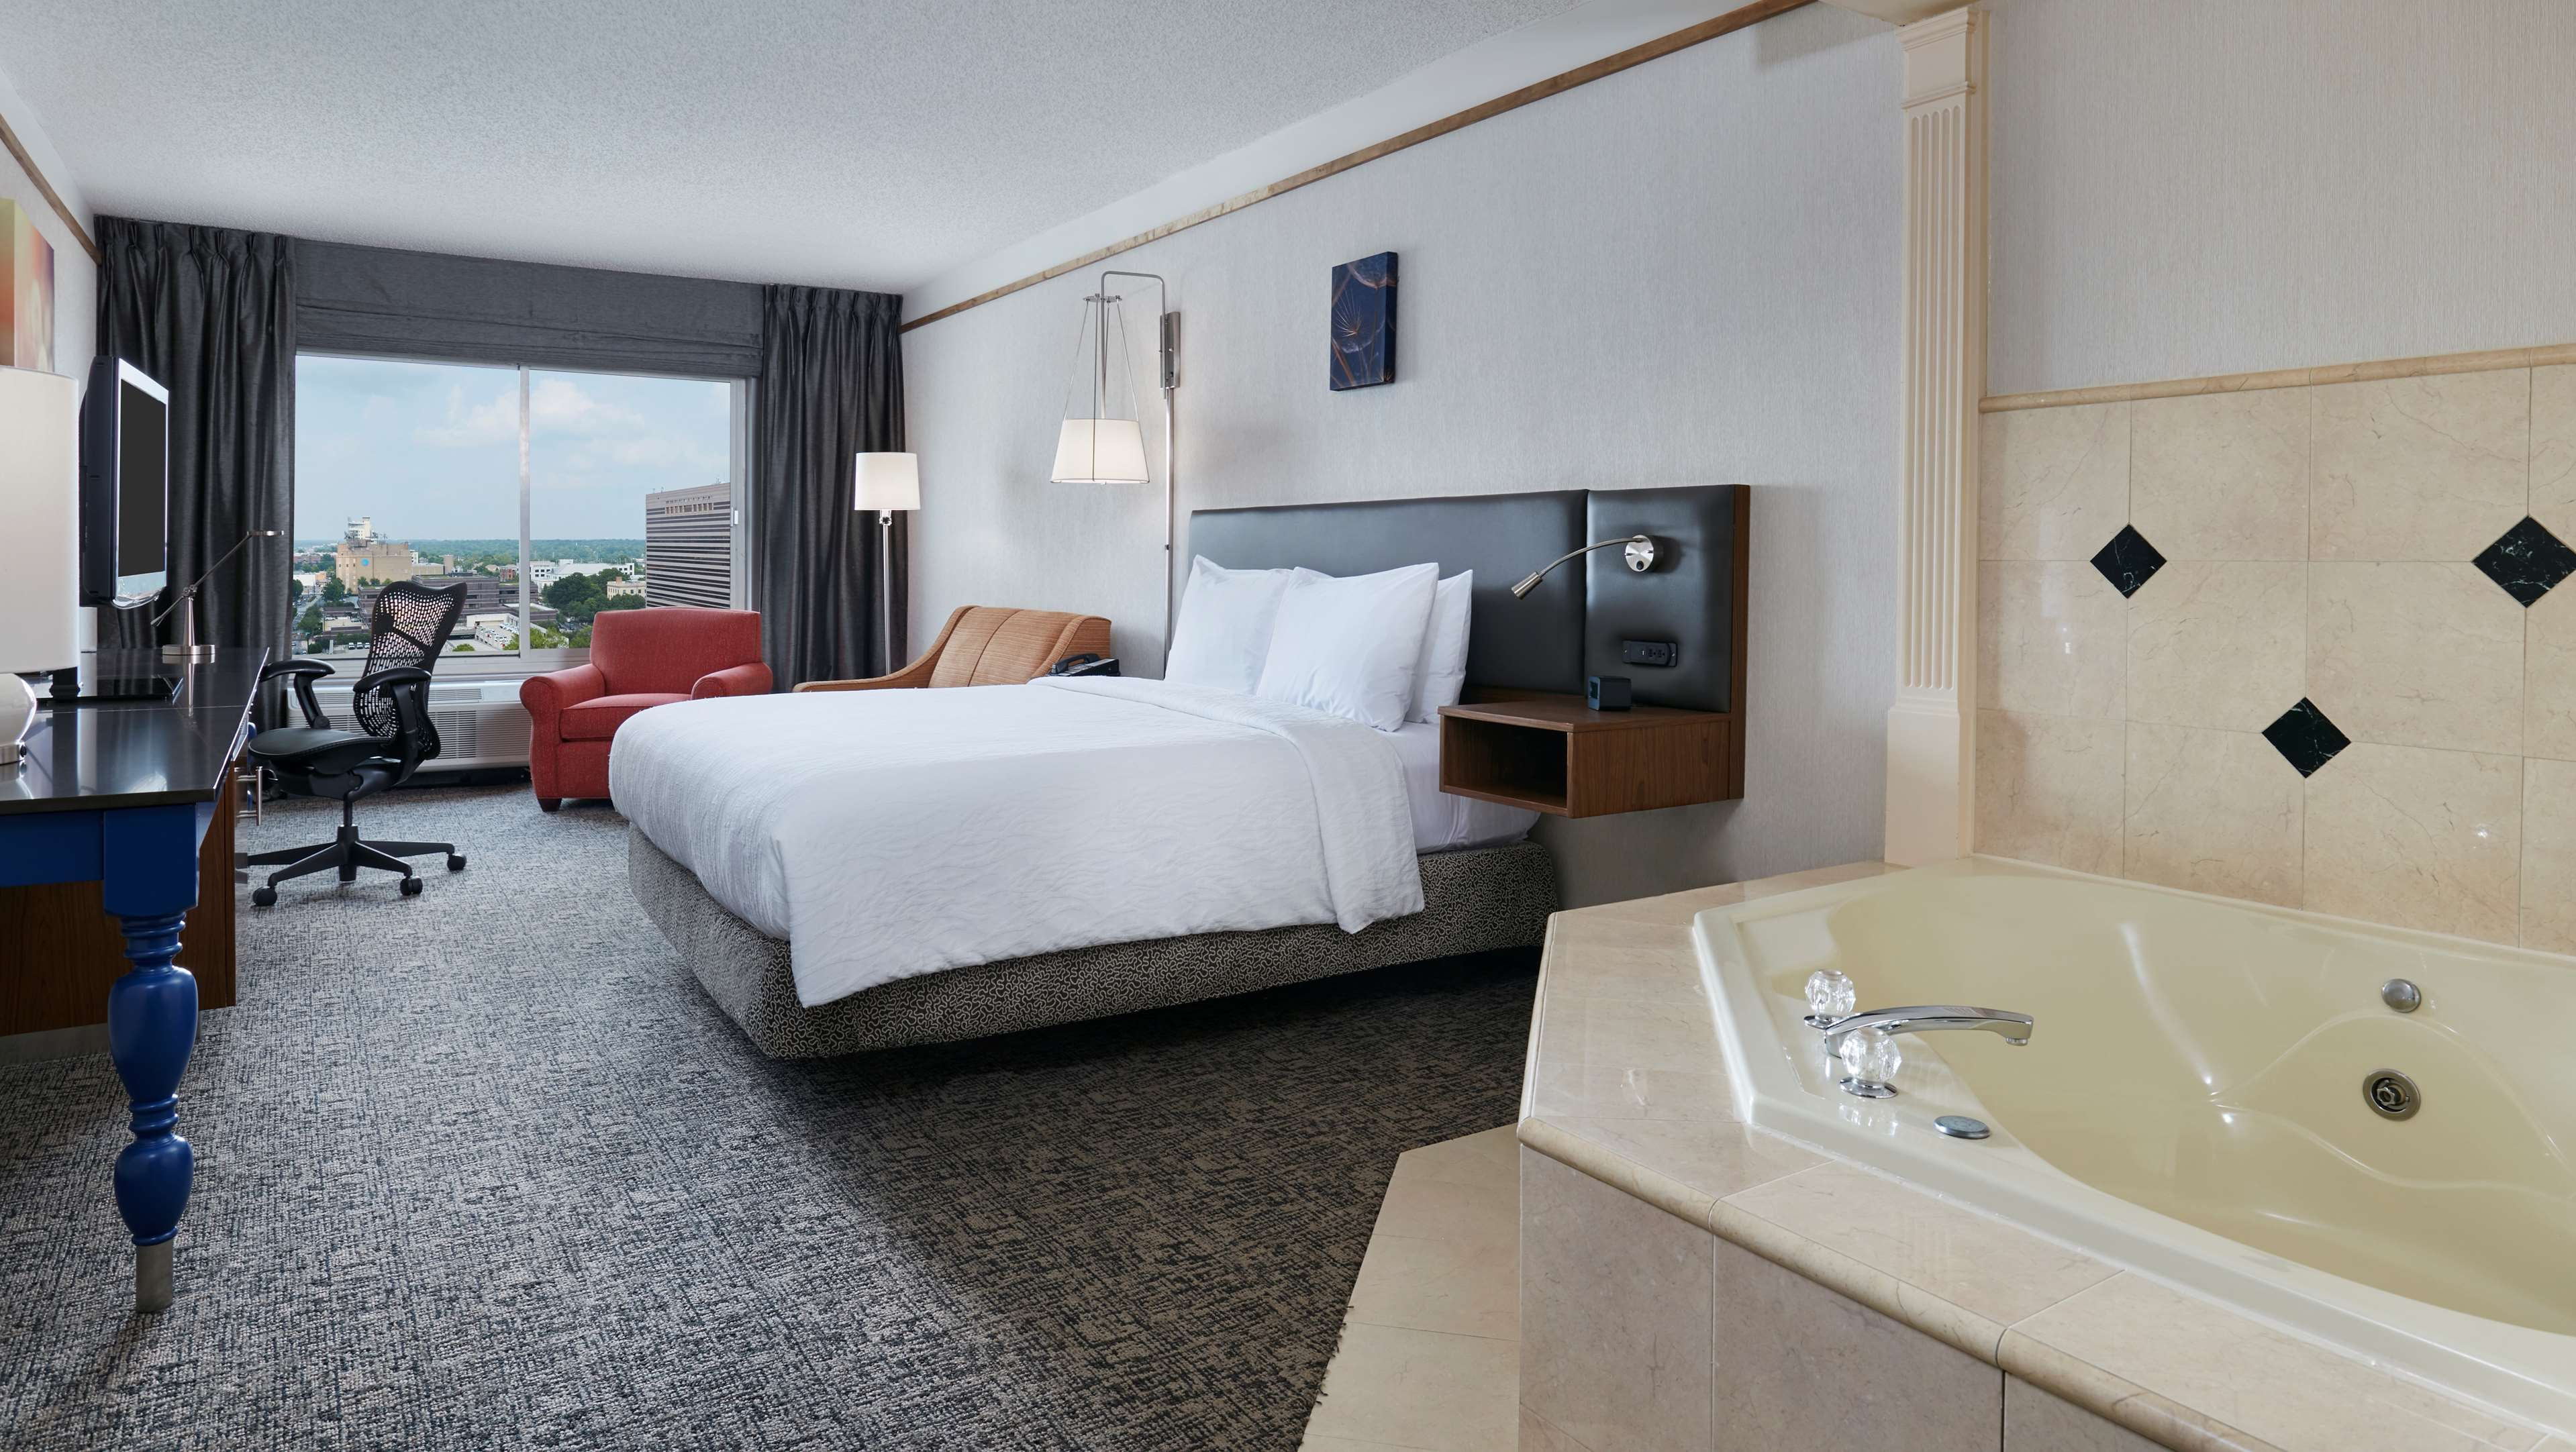 Hilton Garden Inn Charlotte Uptown image 18